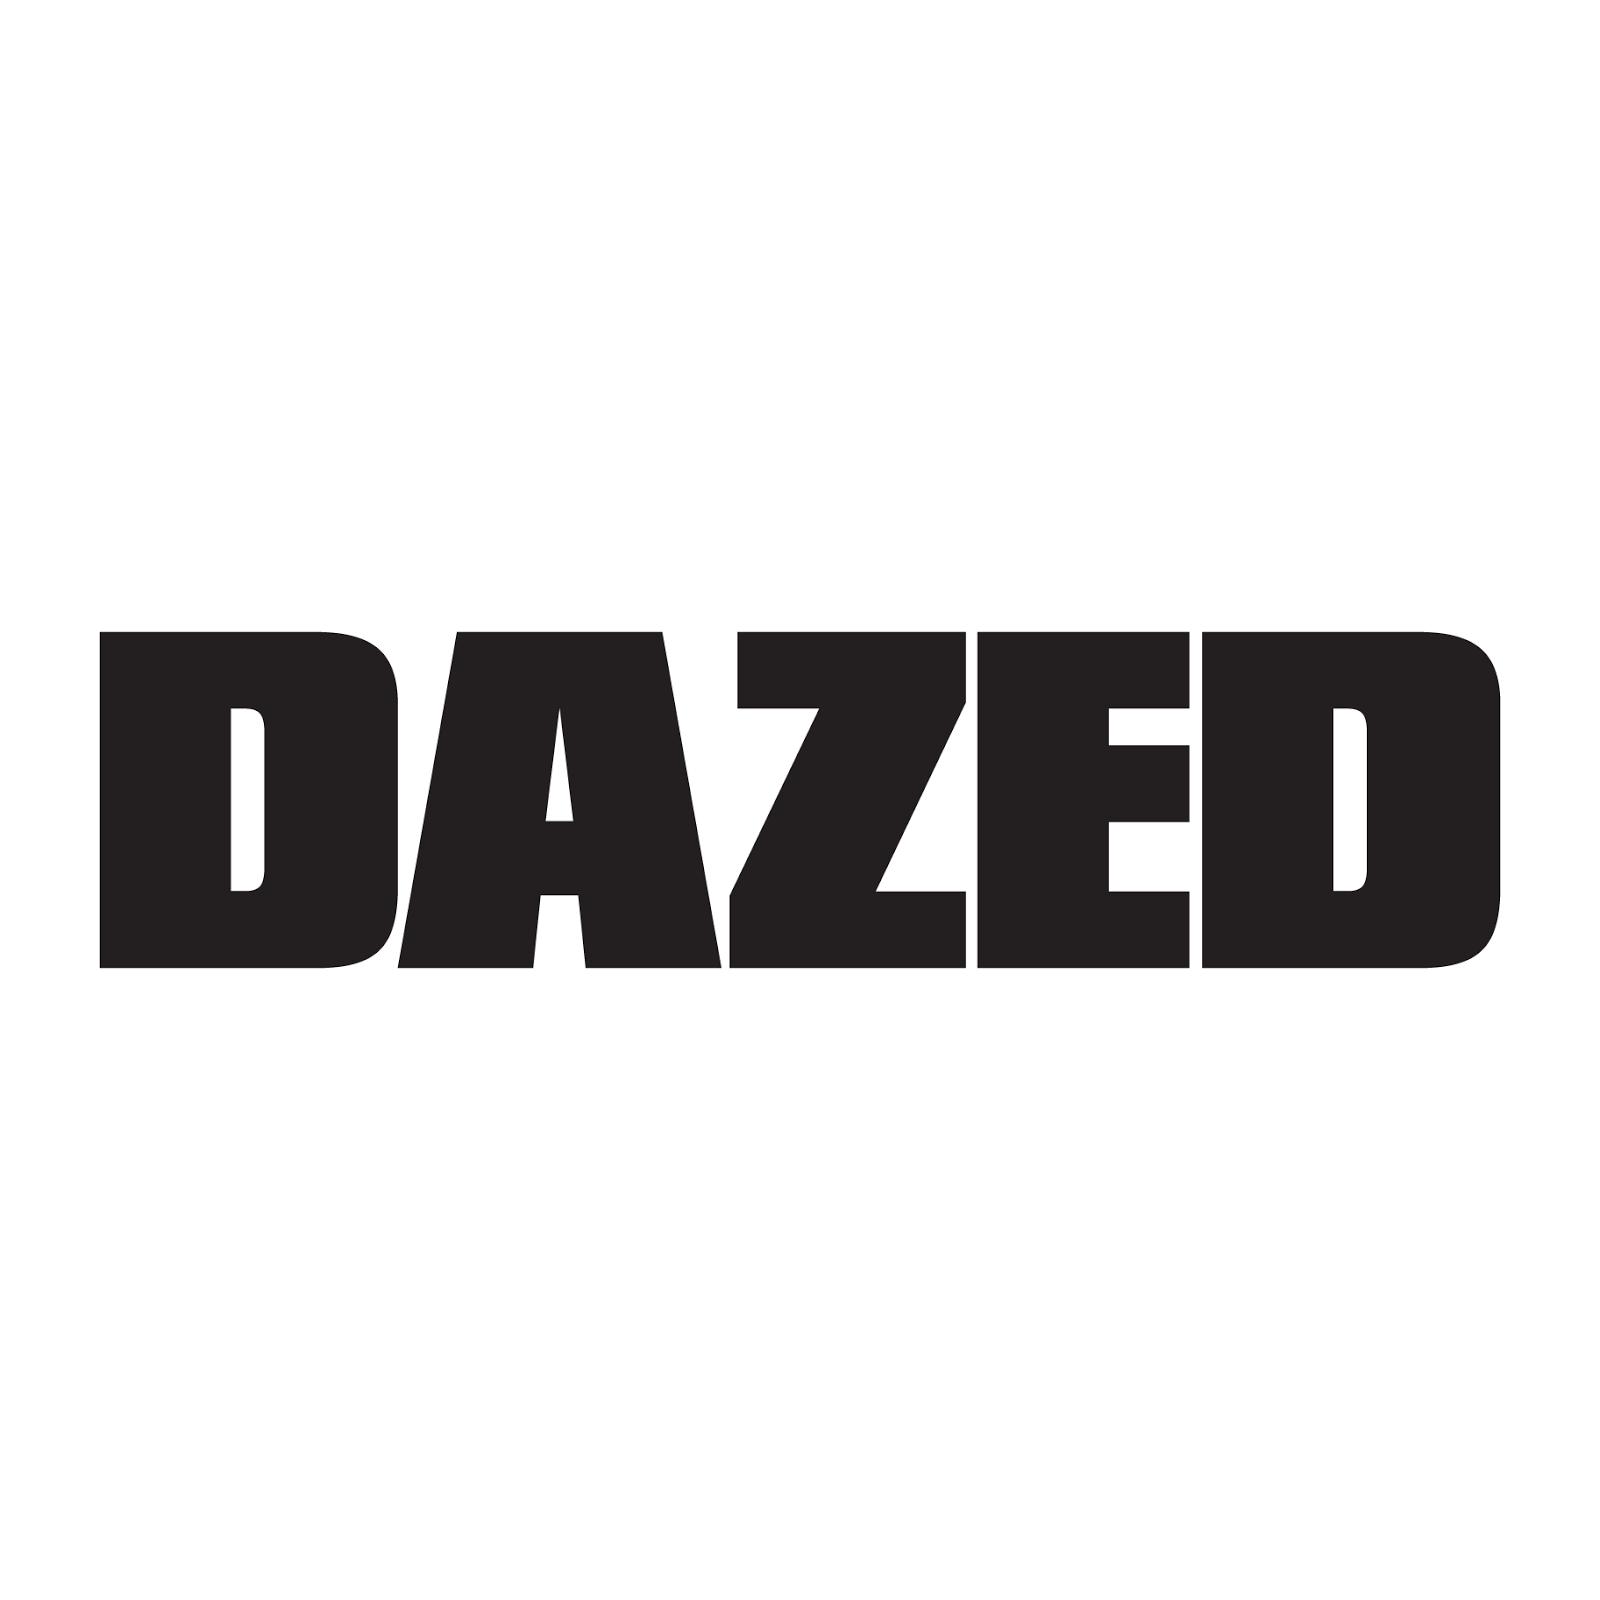 Dazed logo